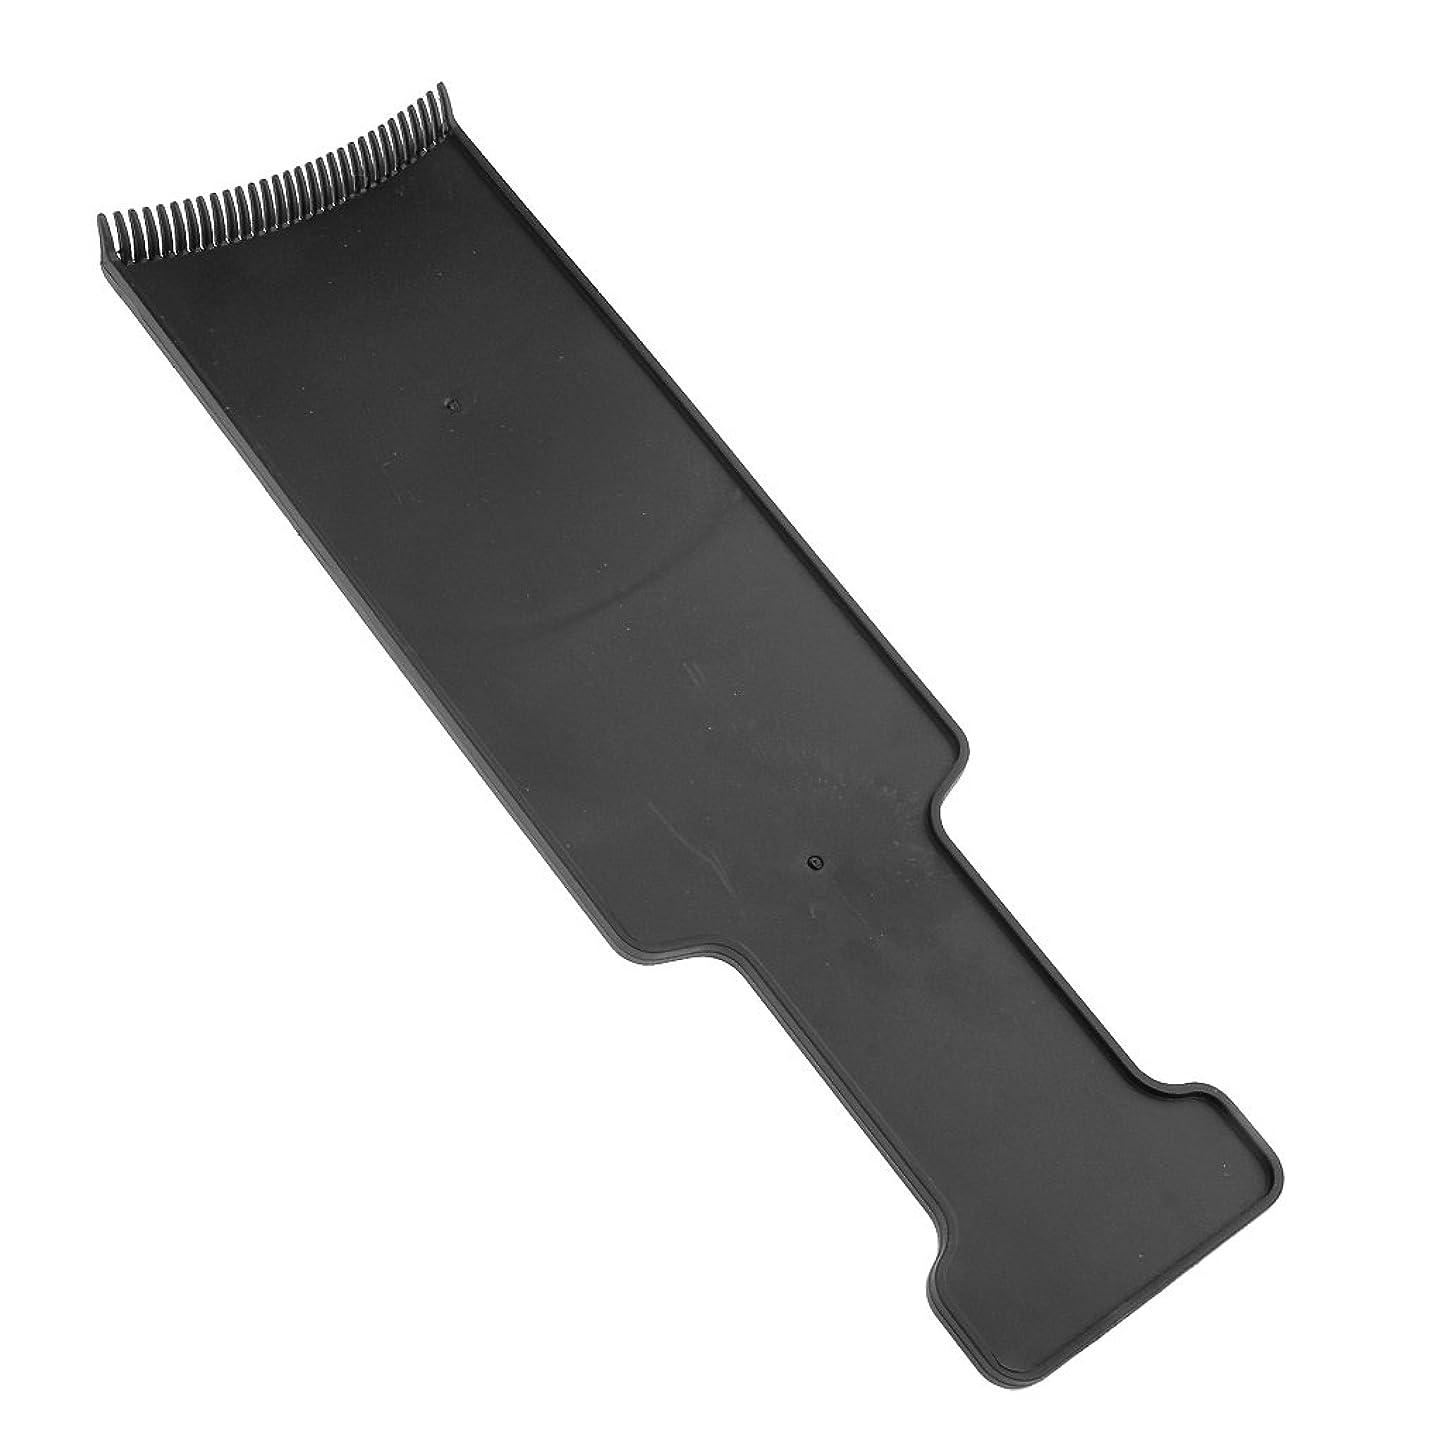 いつかバング包括的Baosity サロン ヘアカラー ボード ヘア 染色 ツール ブラック 全4サイズ - M